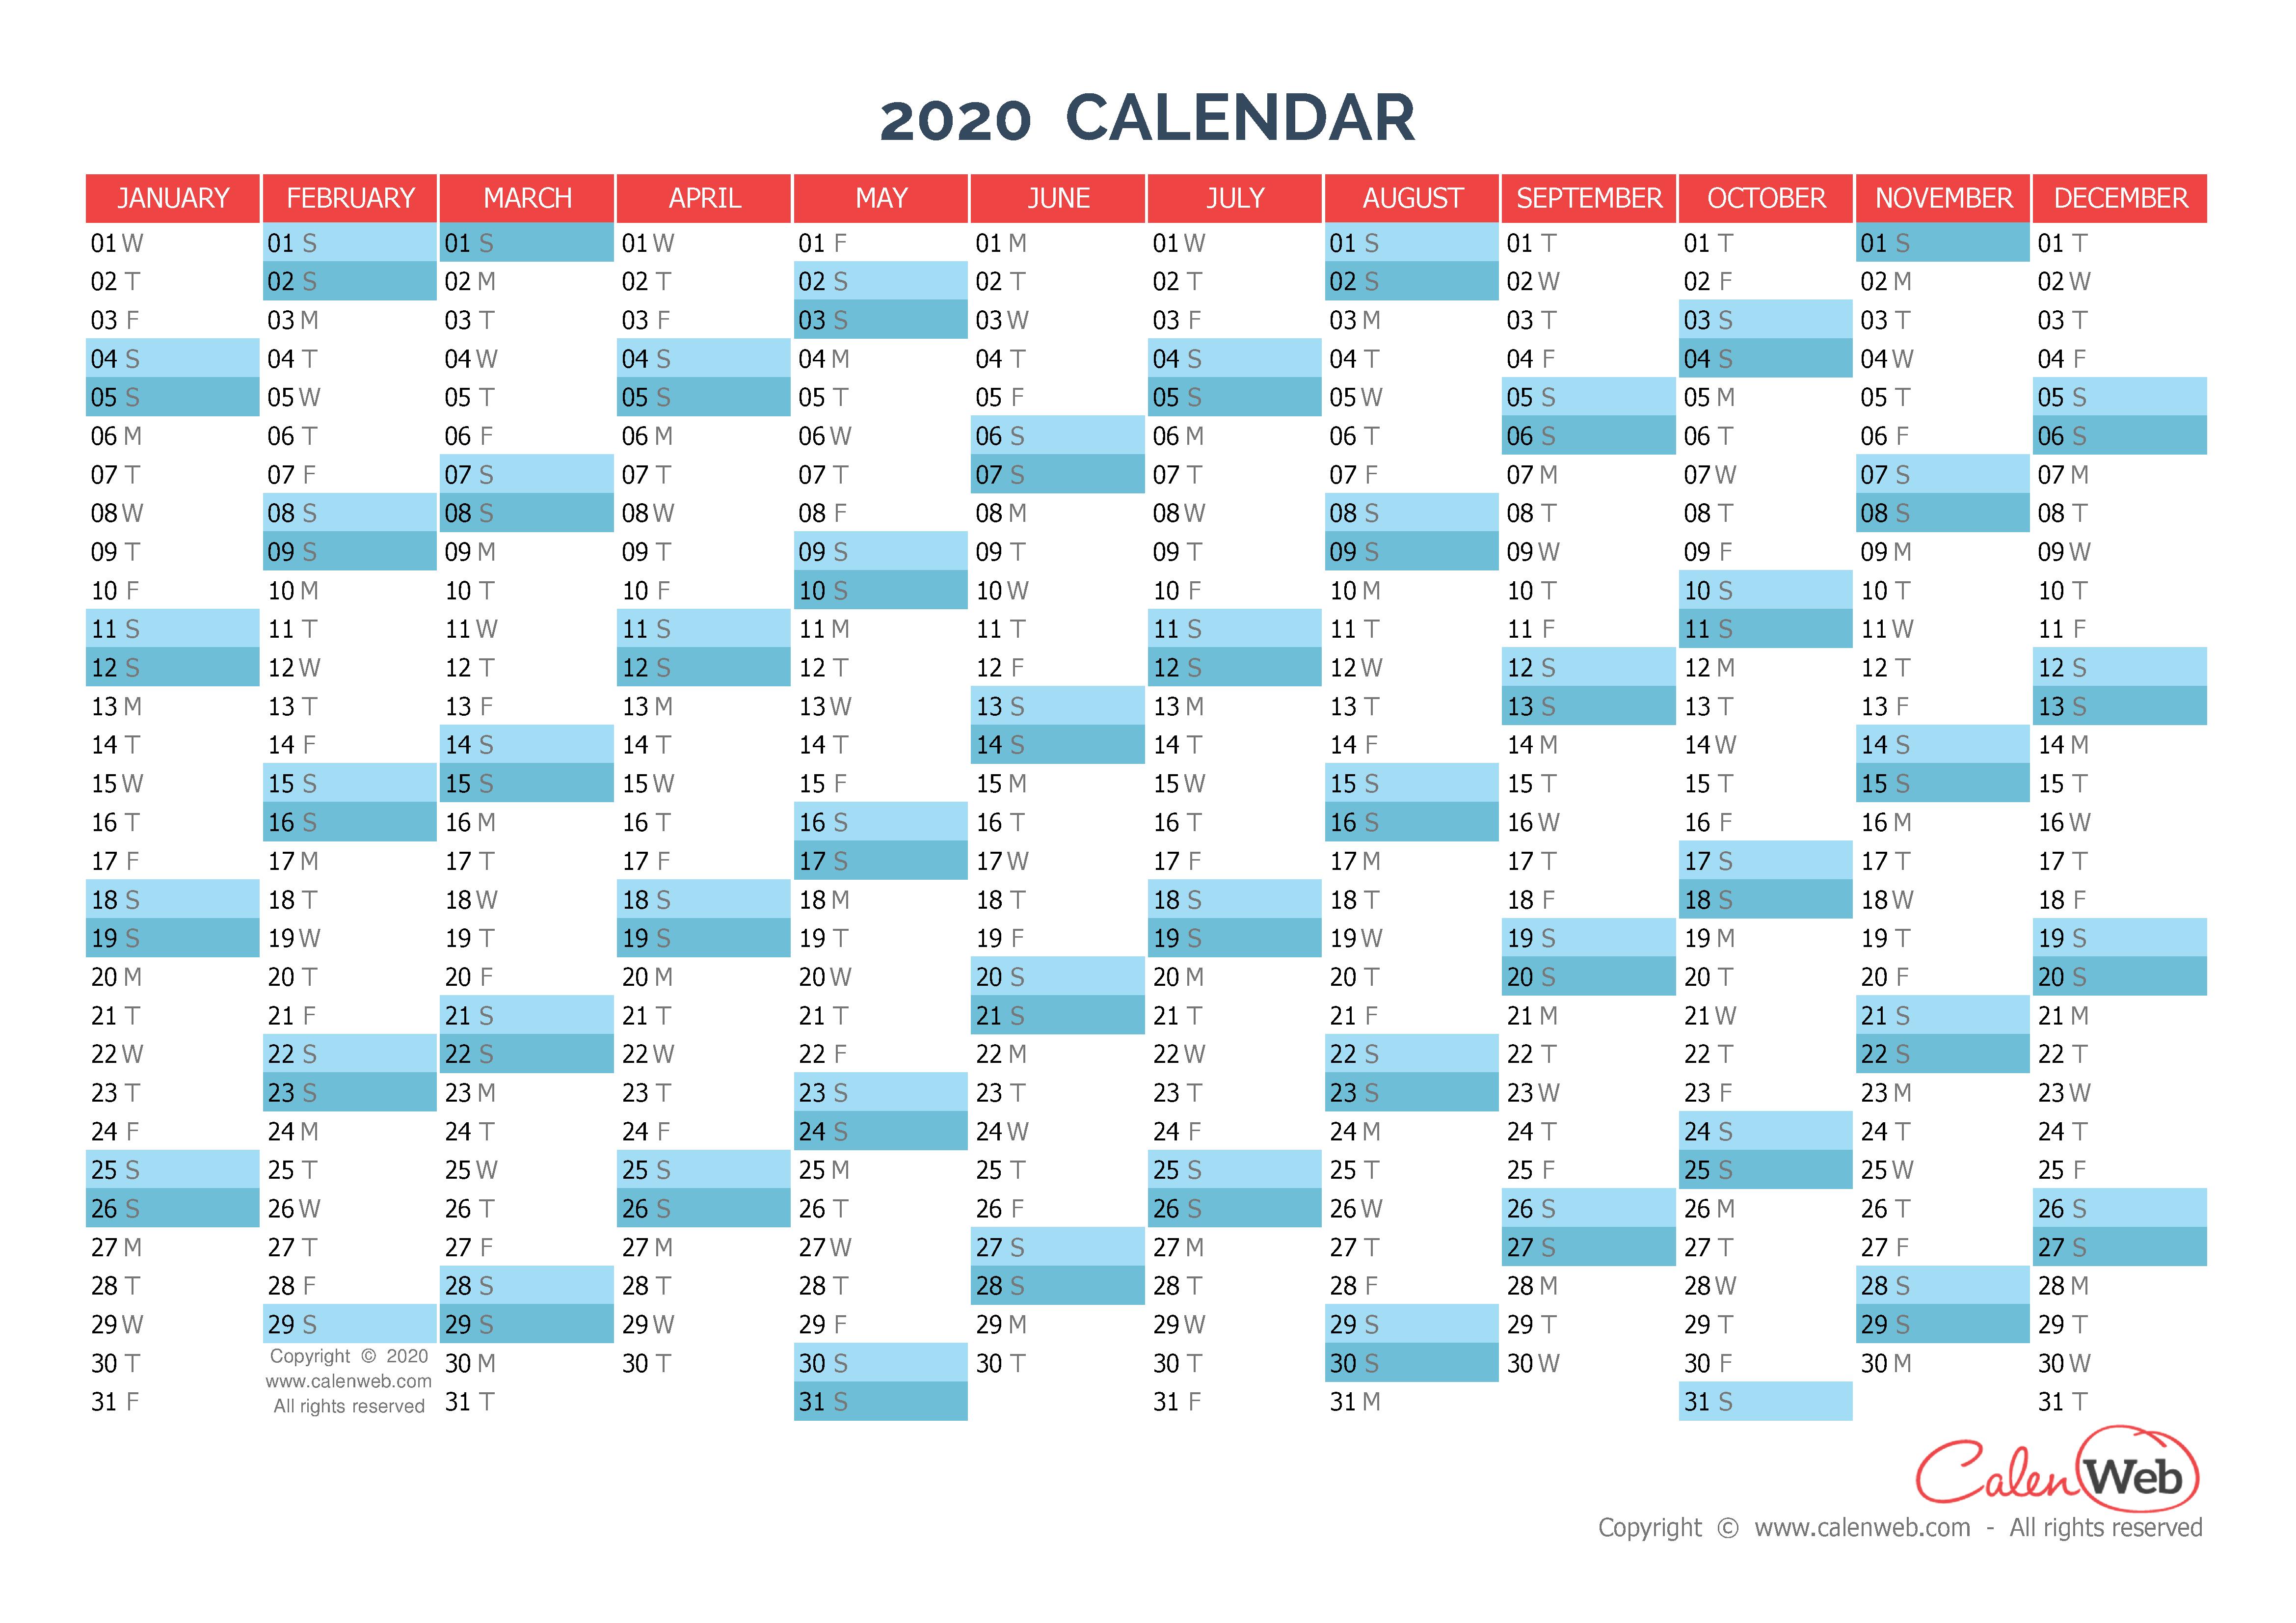 Calendar Year 2020.Yearly Calendar Year 2020 Yearly Horizontal Planning Calenweb Com